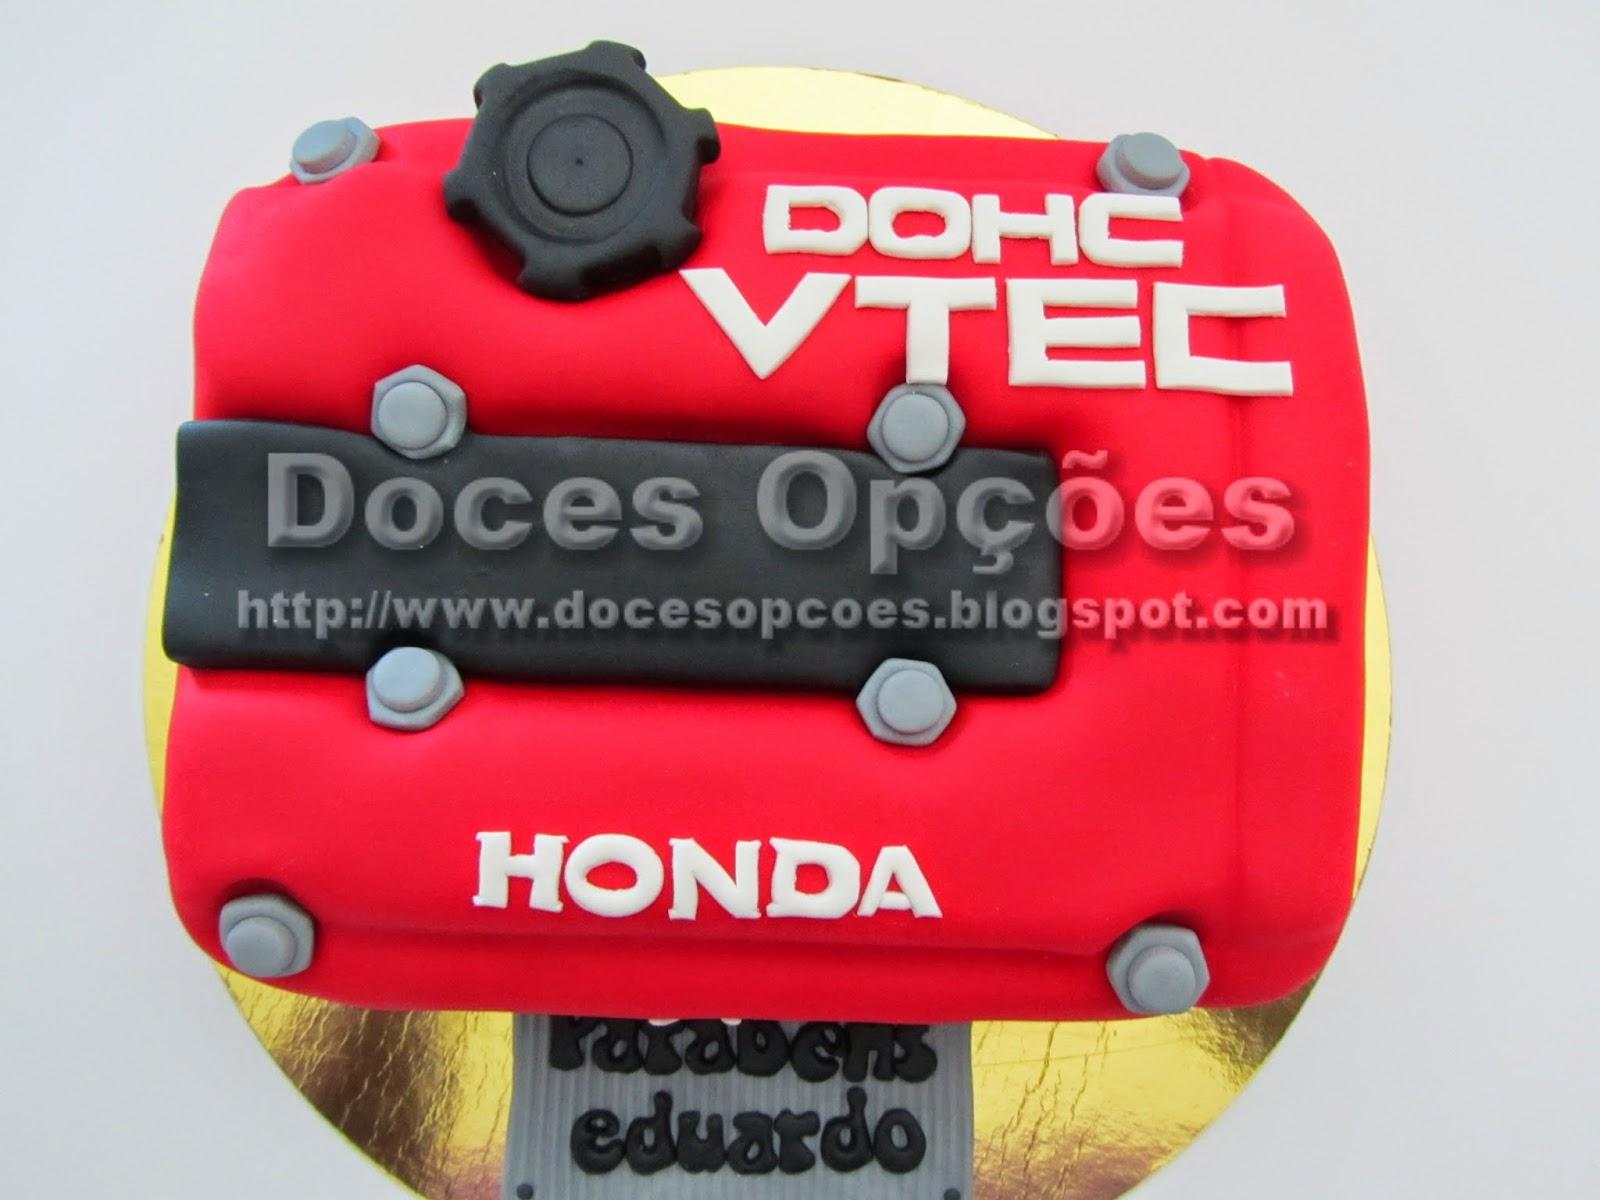 Bolo Honda VTEC dohc